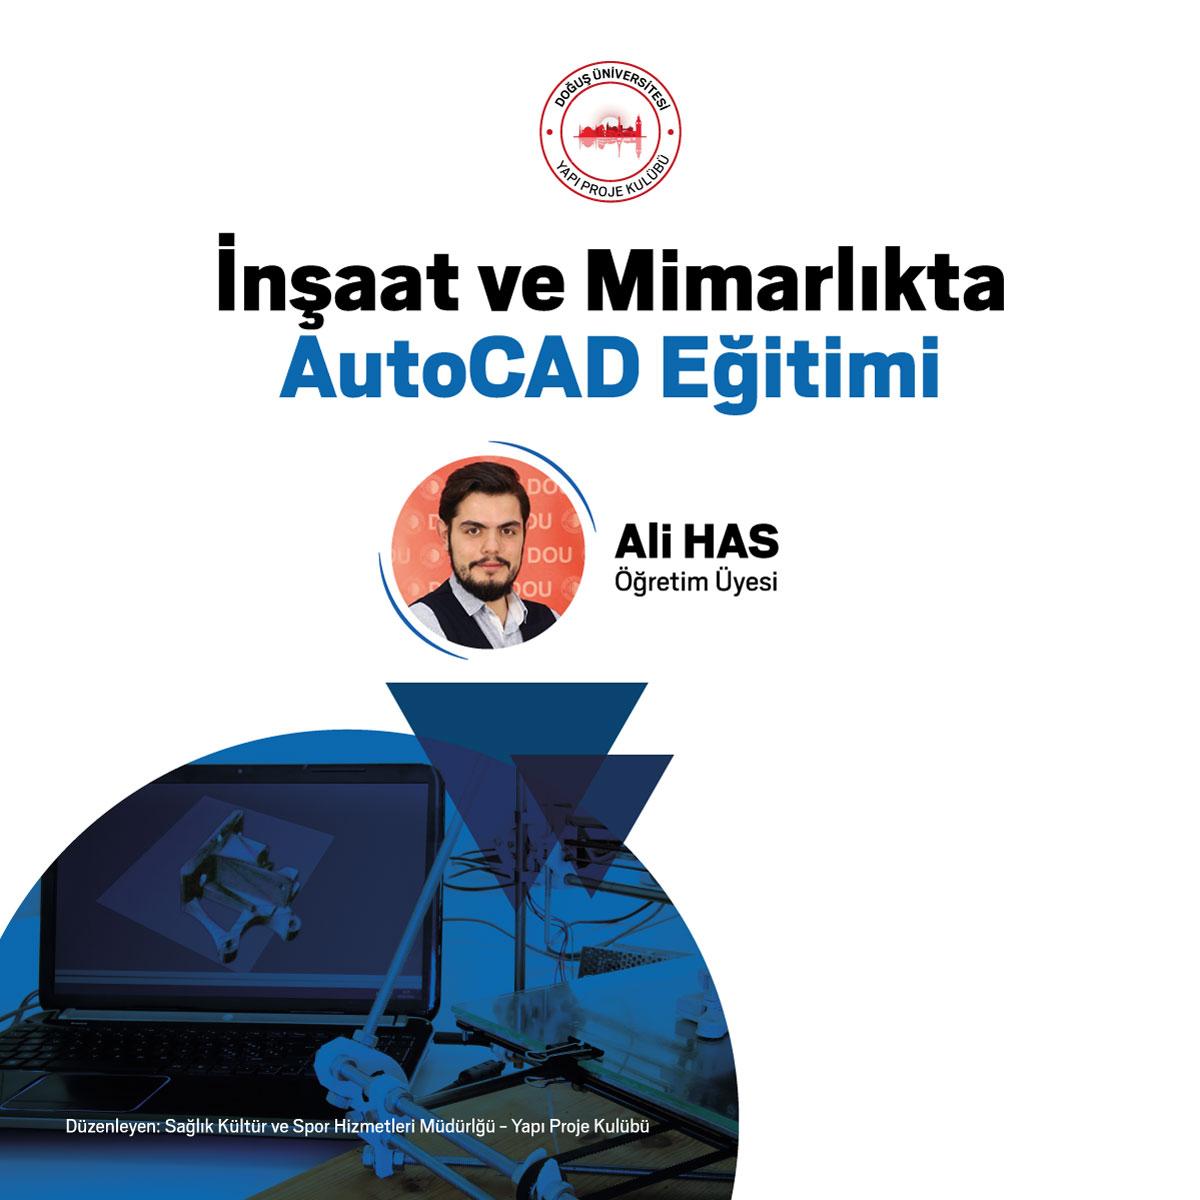 Autocad_Eğitimi_pc